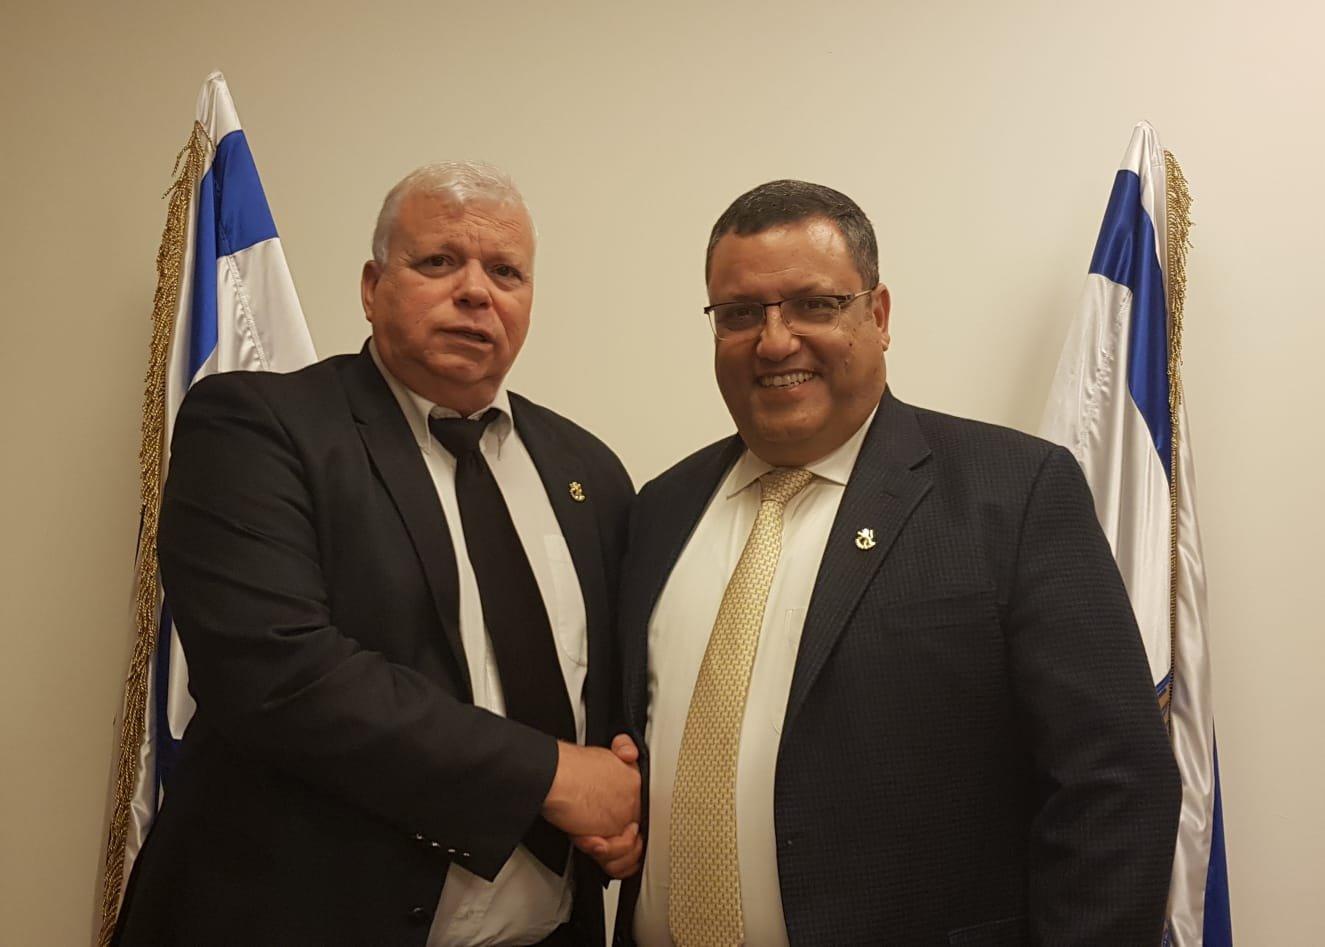 ראש העיר משה ליאון וסגן ראש העיר אלישע פלג (צילום: דוברות ראש העיר)